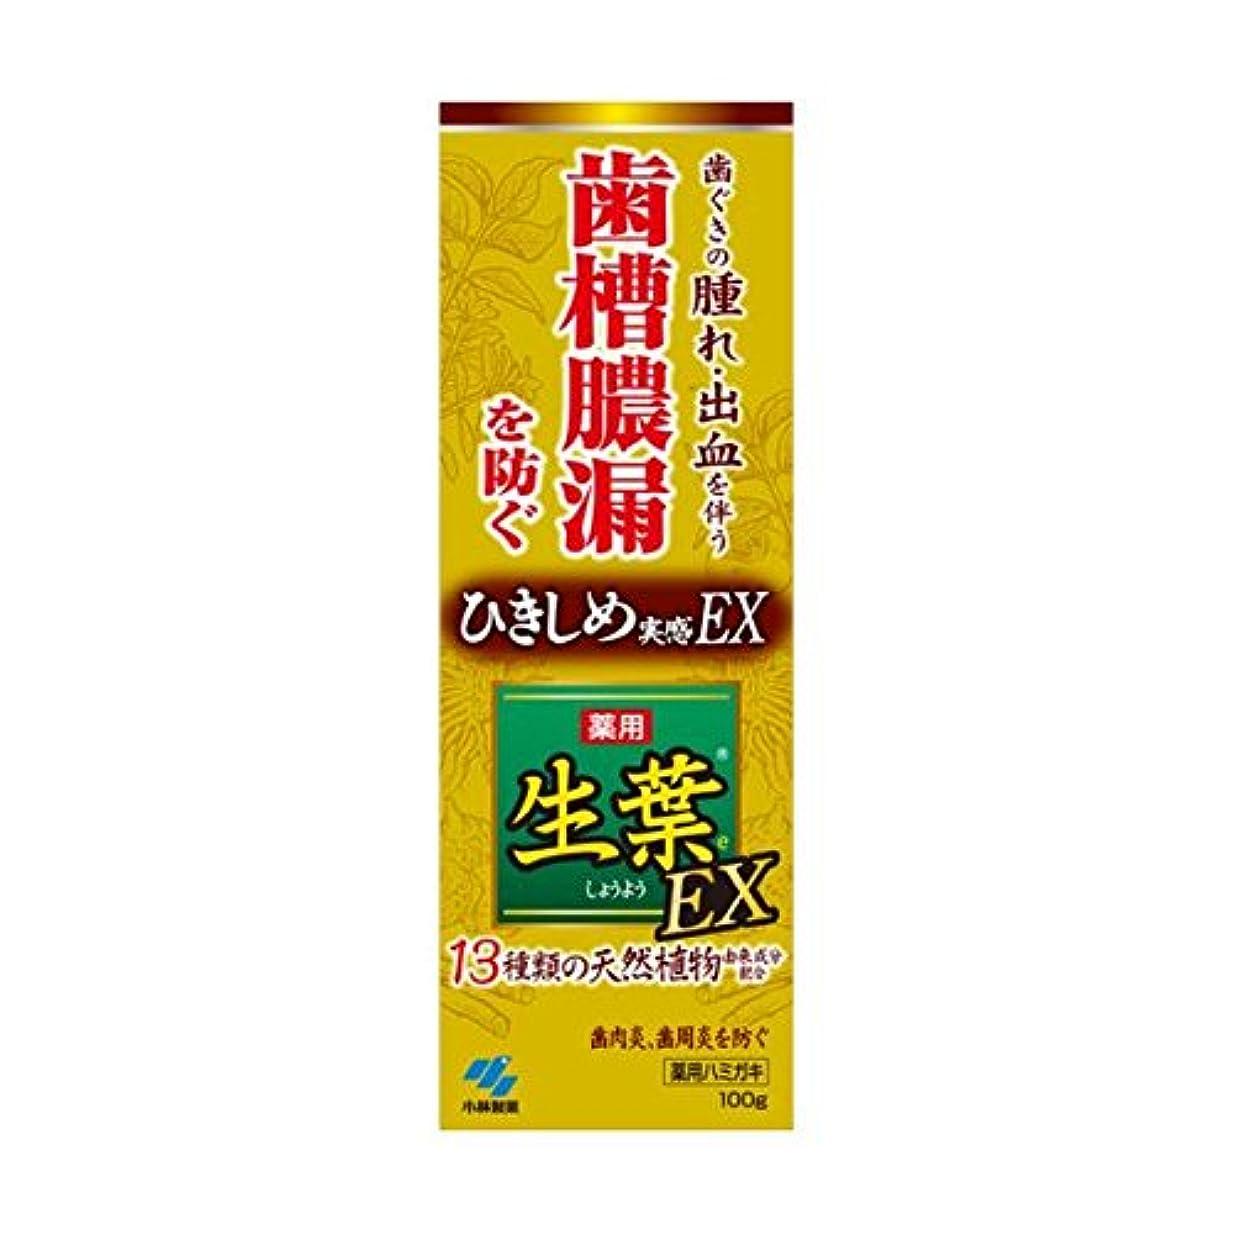 マーティンルーサーキングジュニア休日に安価な生葉EX 100g x2個セット